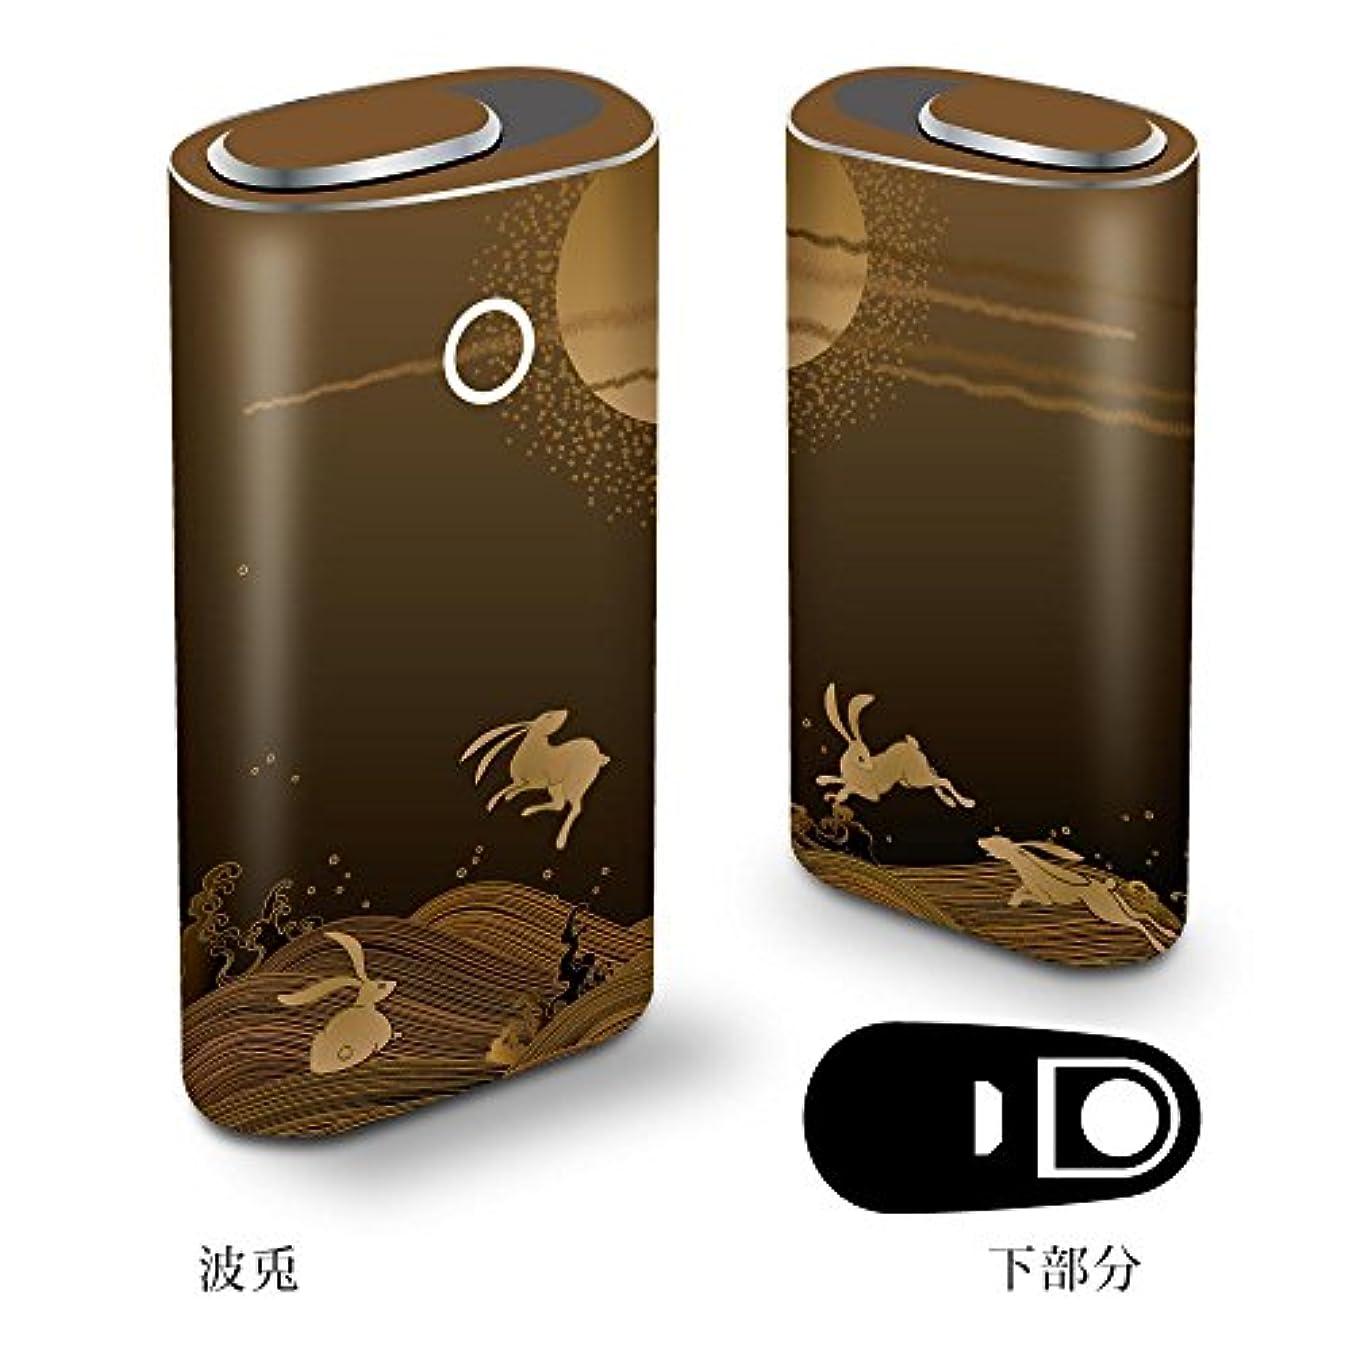 奨励女性極地和柄 波兎 なみうさぎ glo専用 シール グロー用シール スキンシール ステッカー 電子タバコ デザイン ps-glo-1031